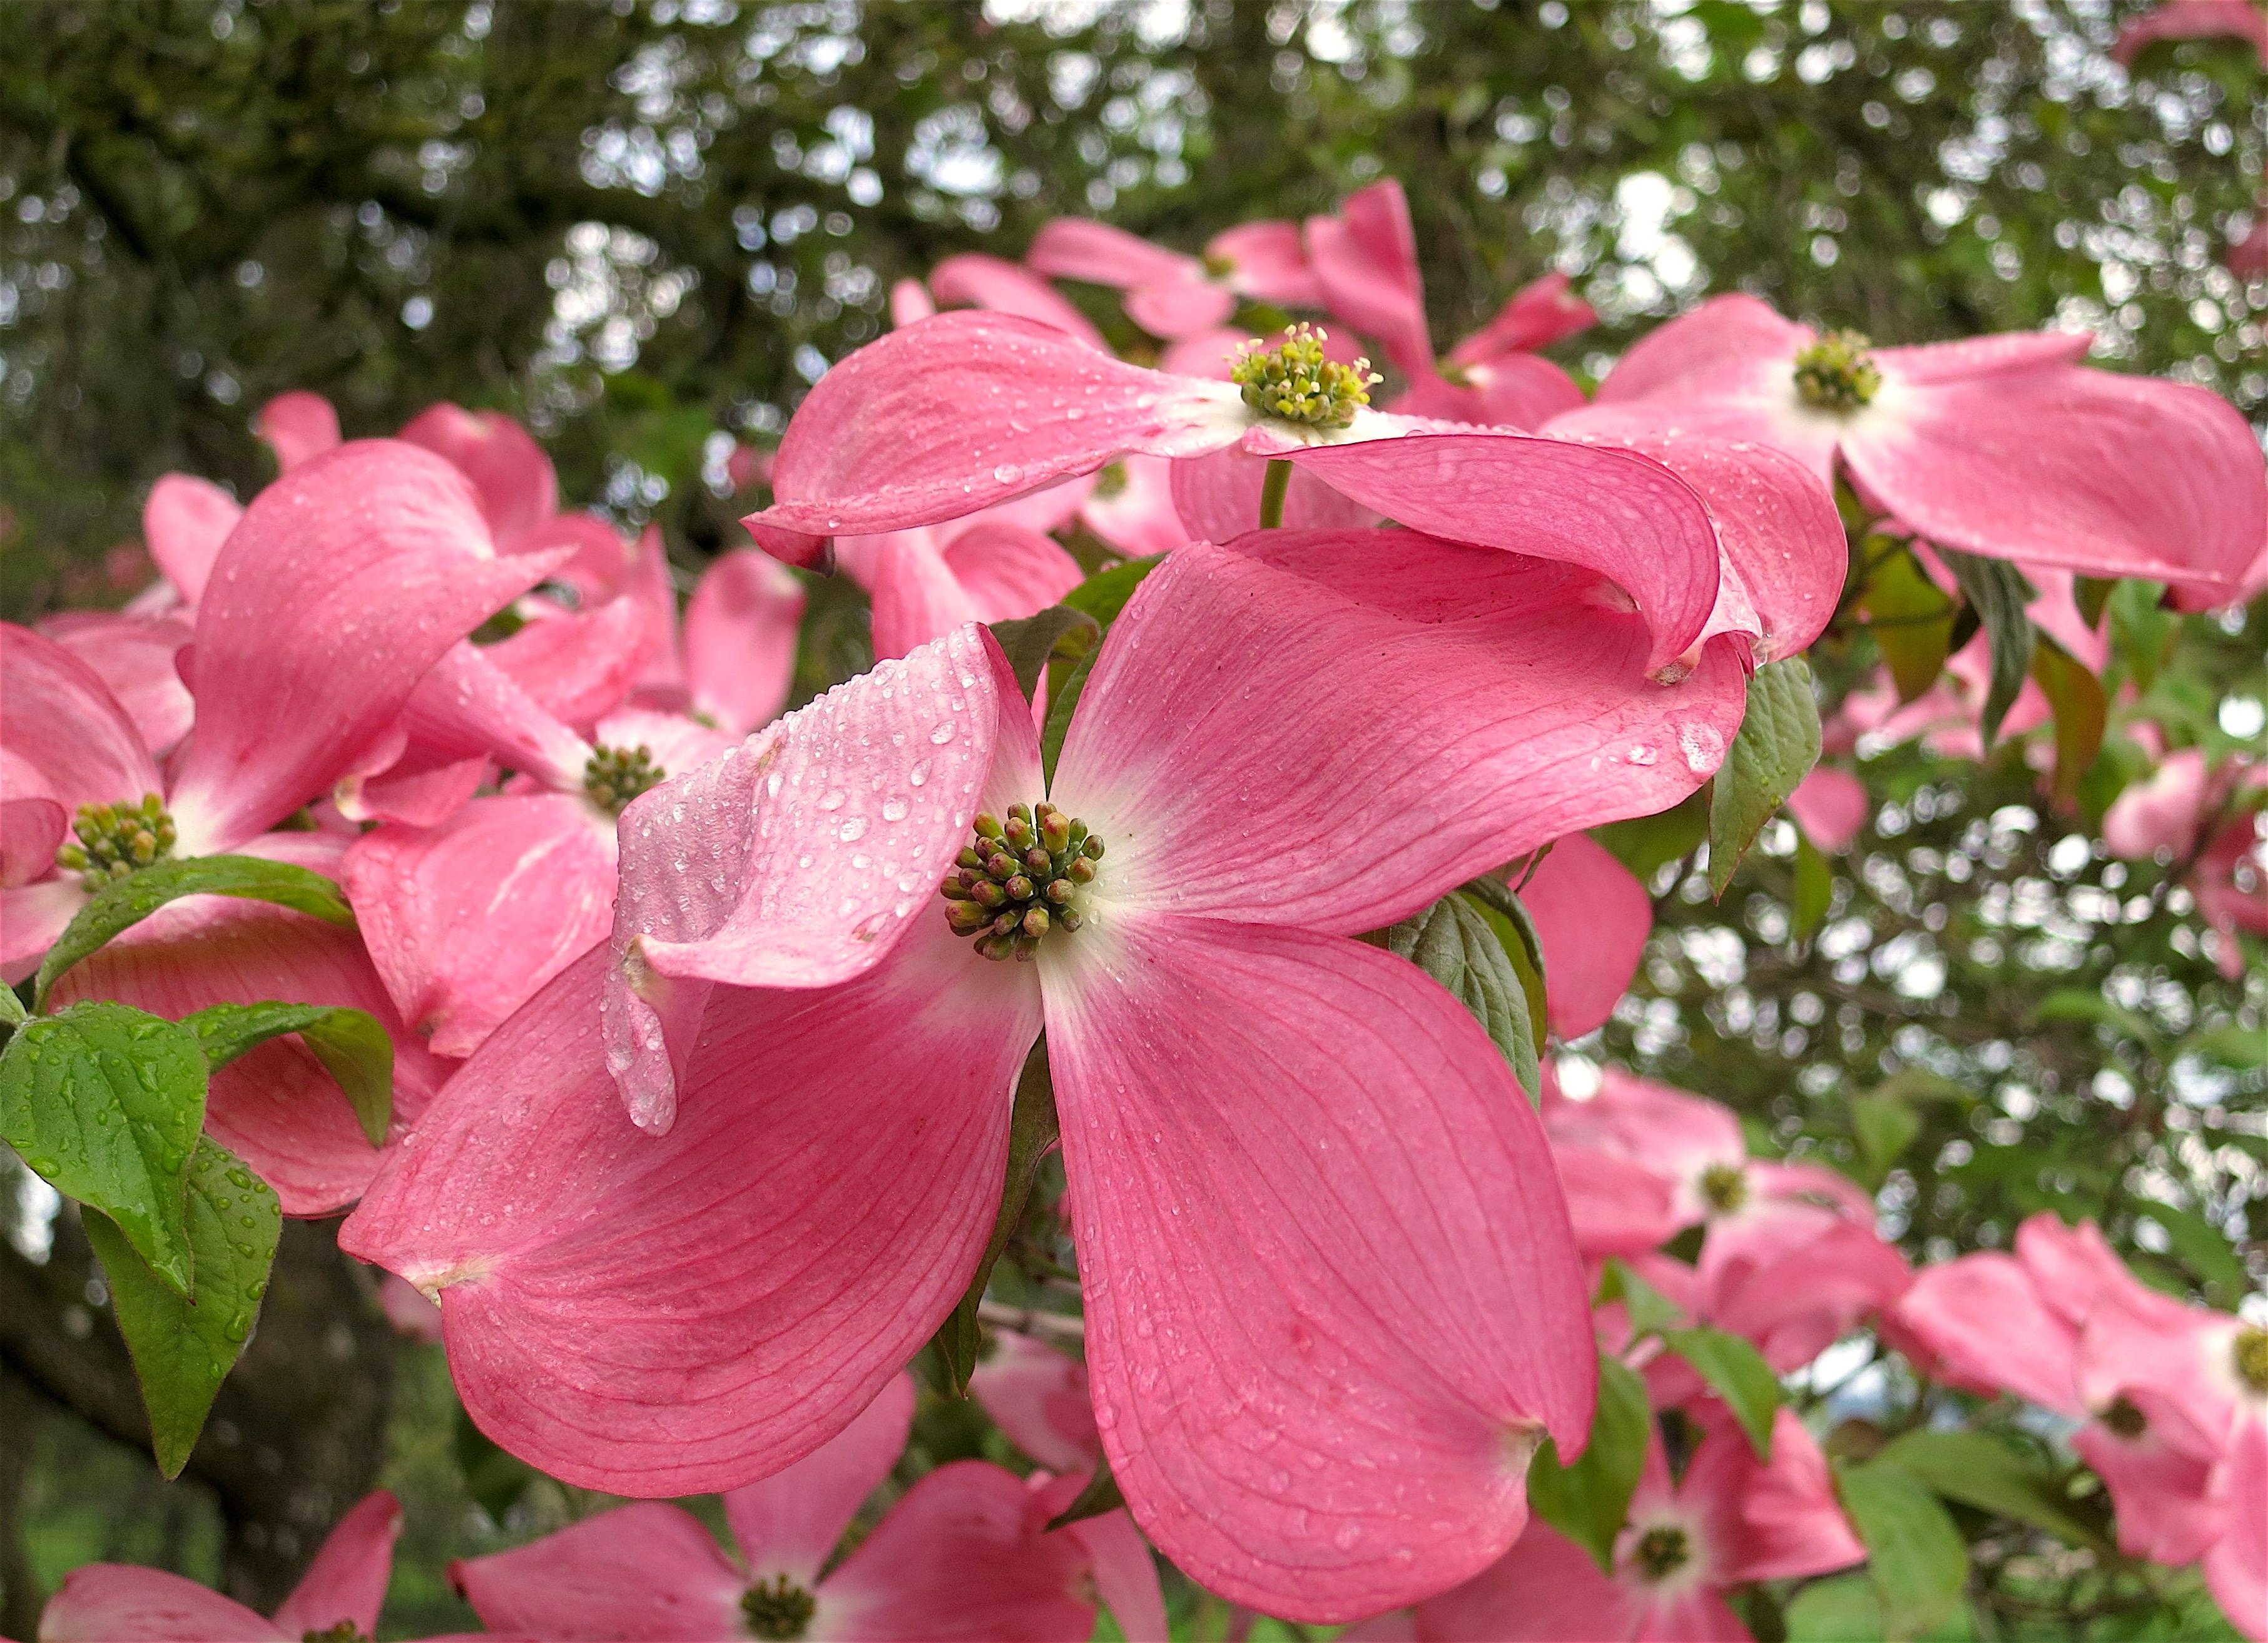 pinkrain2